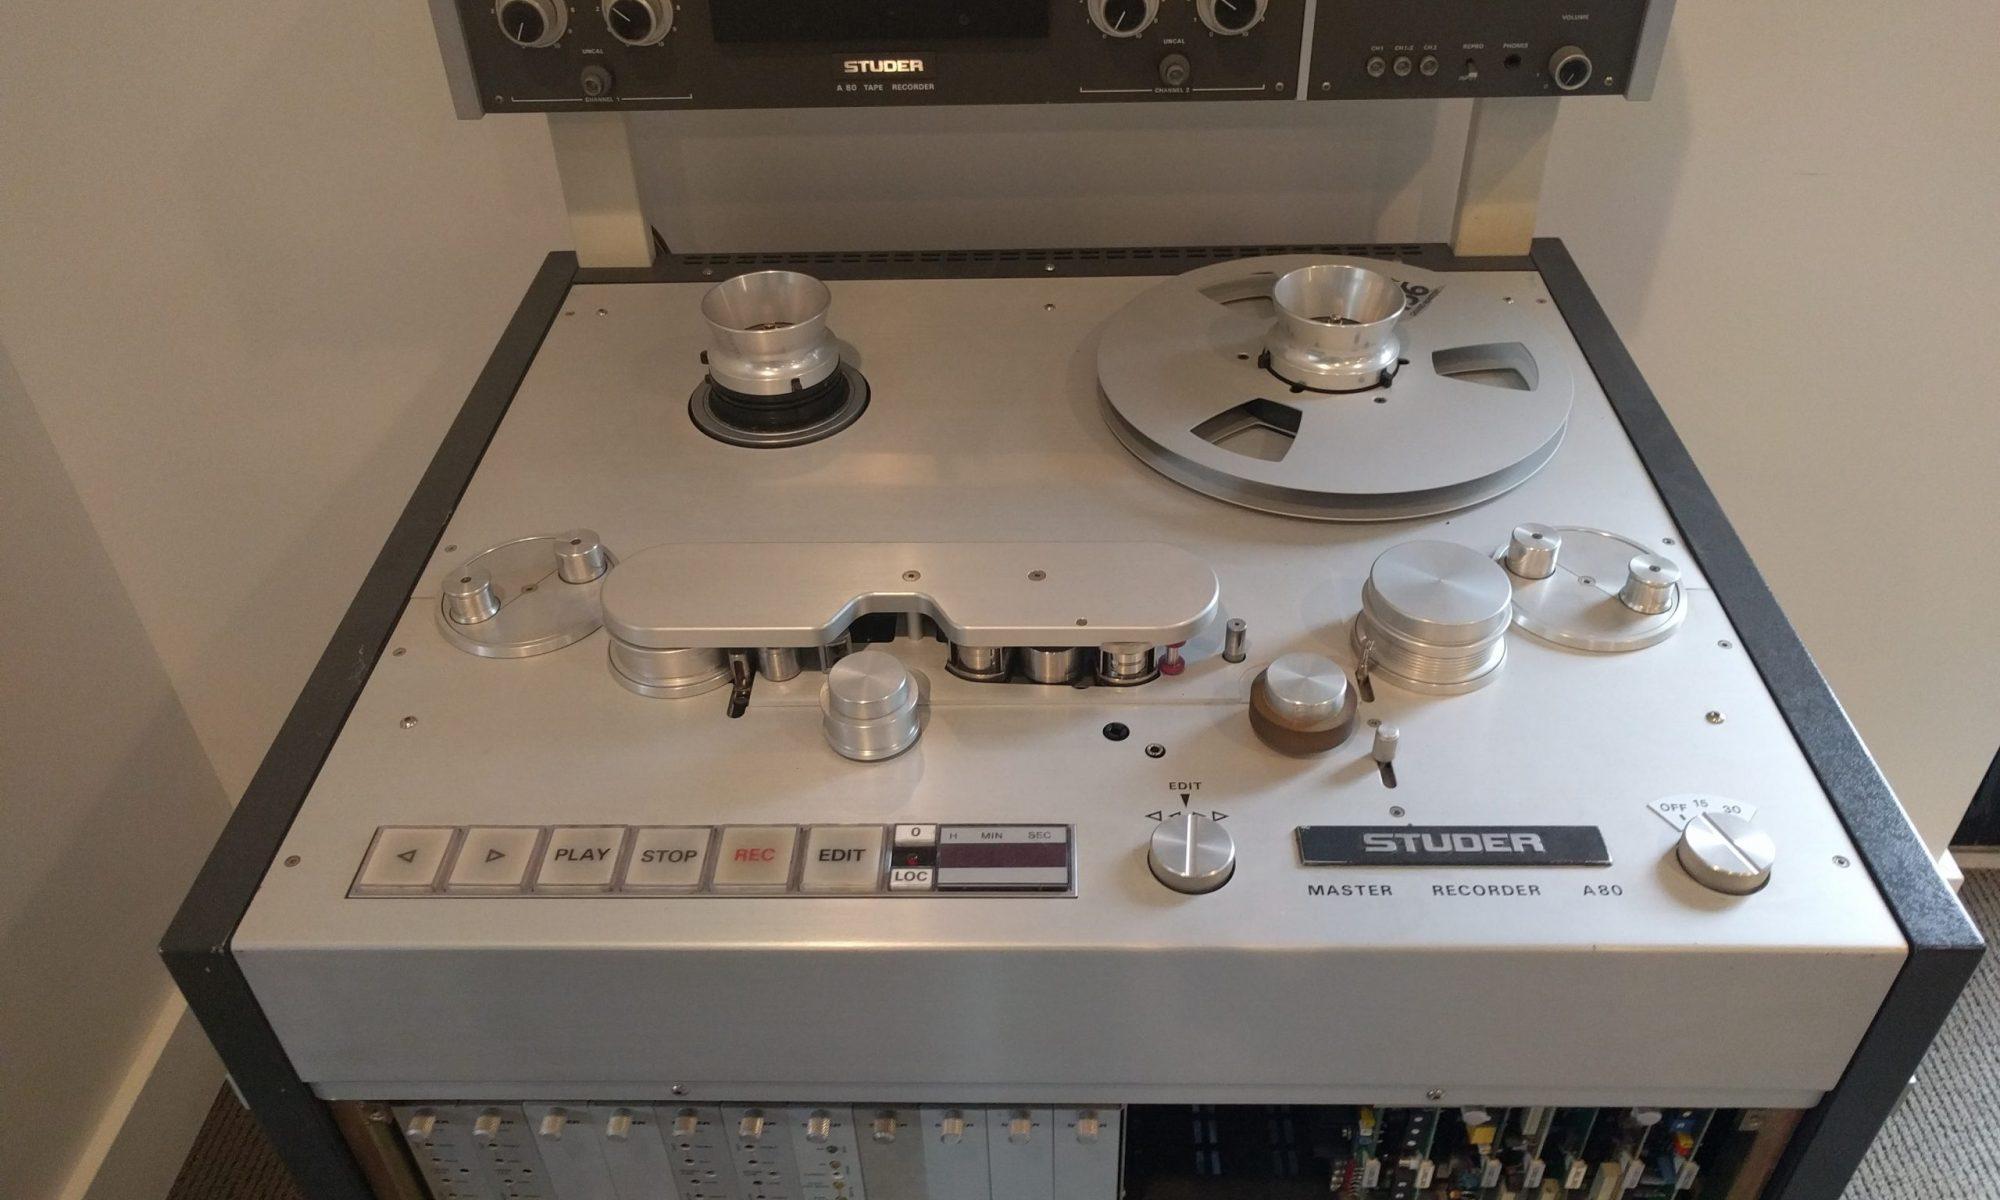 Studer A80 RC MK II